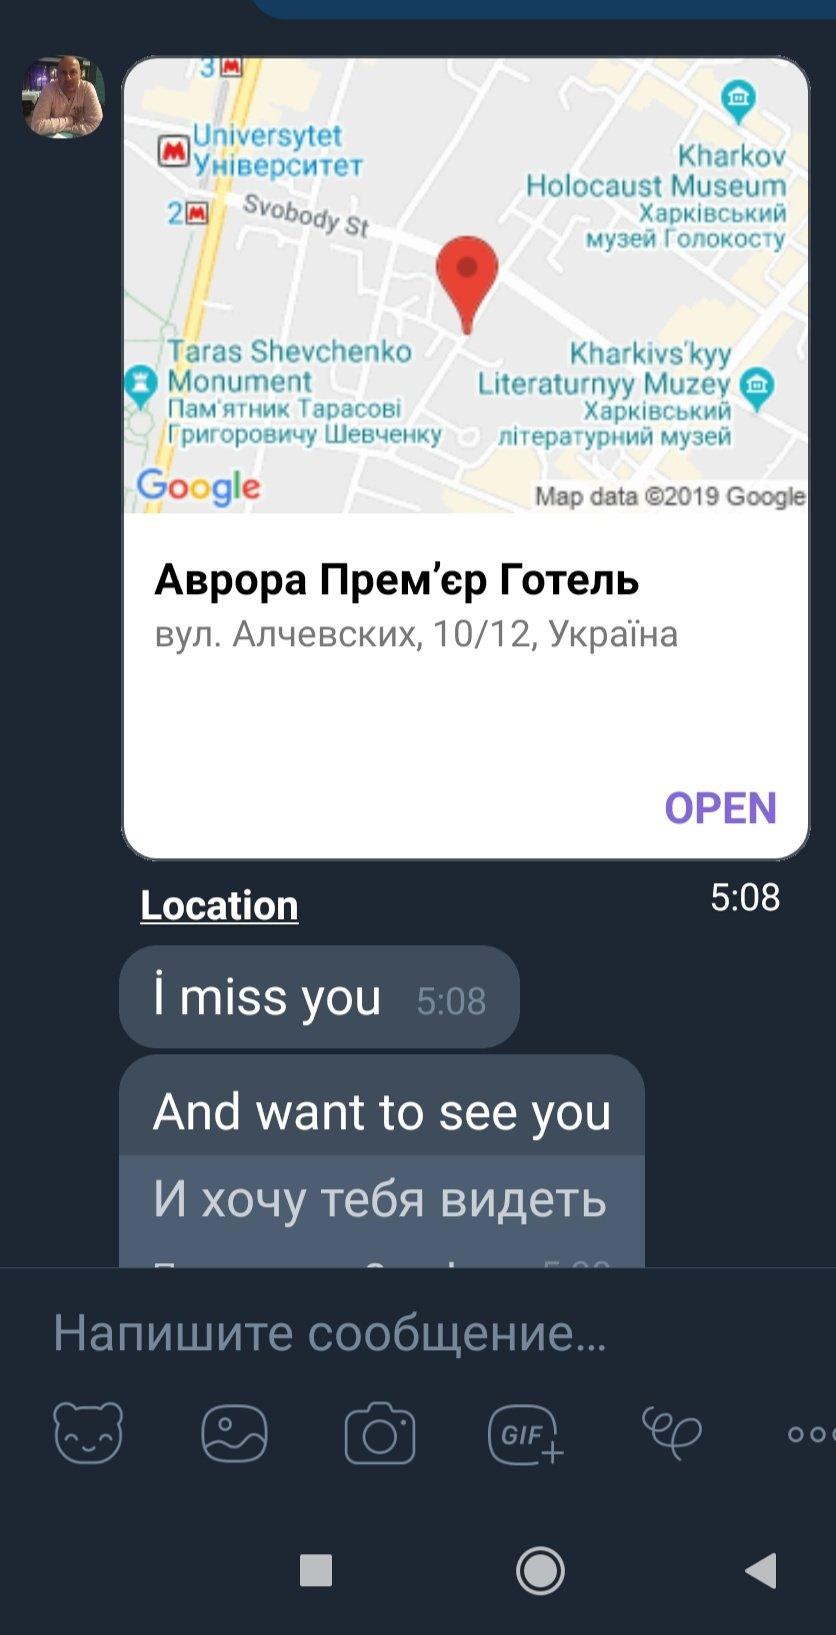 Partnervermittlung ukraine net отзывы